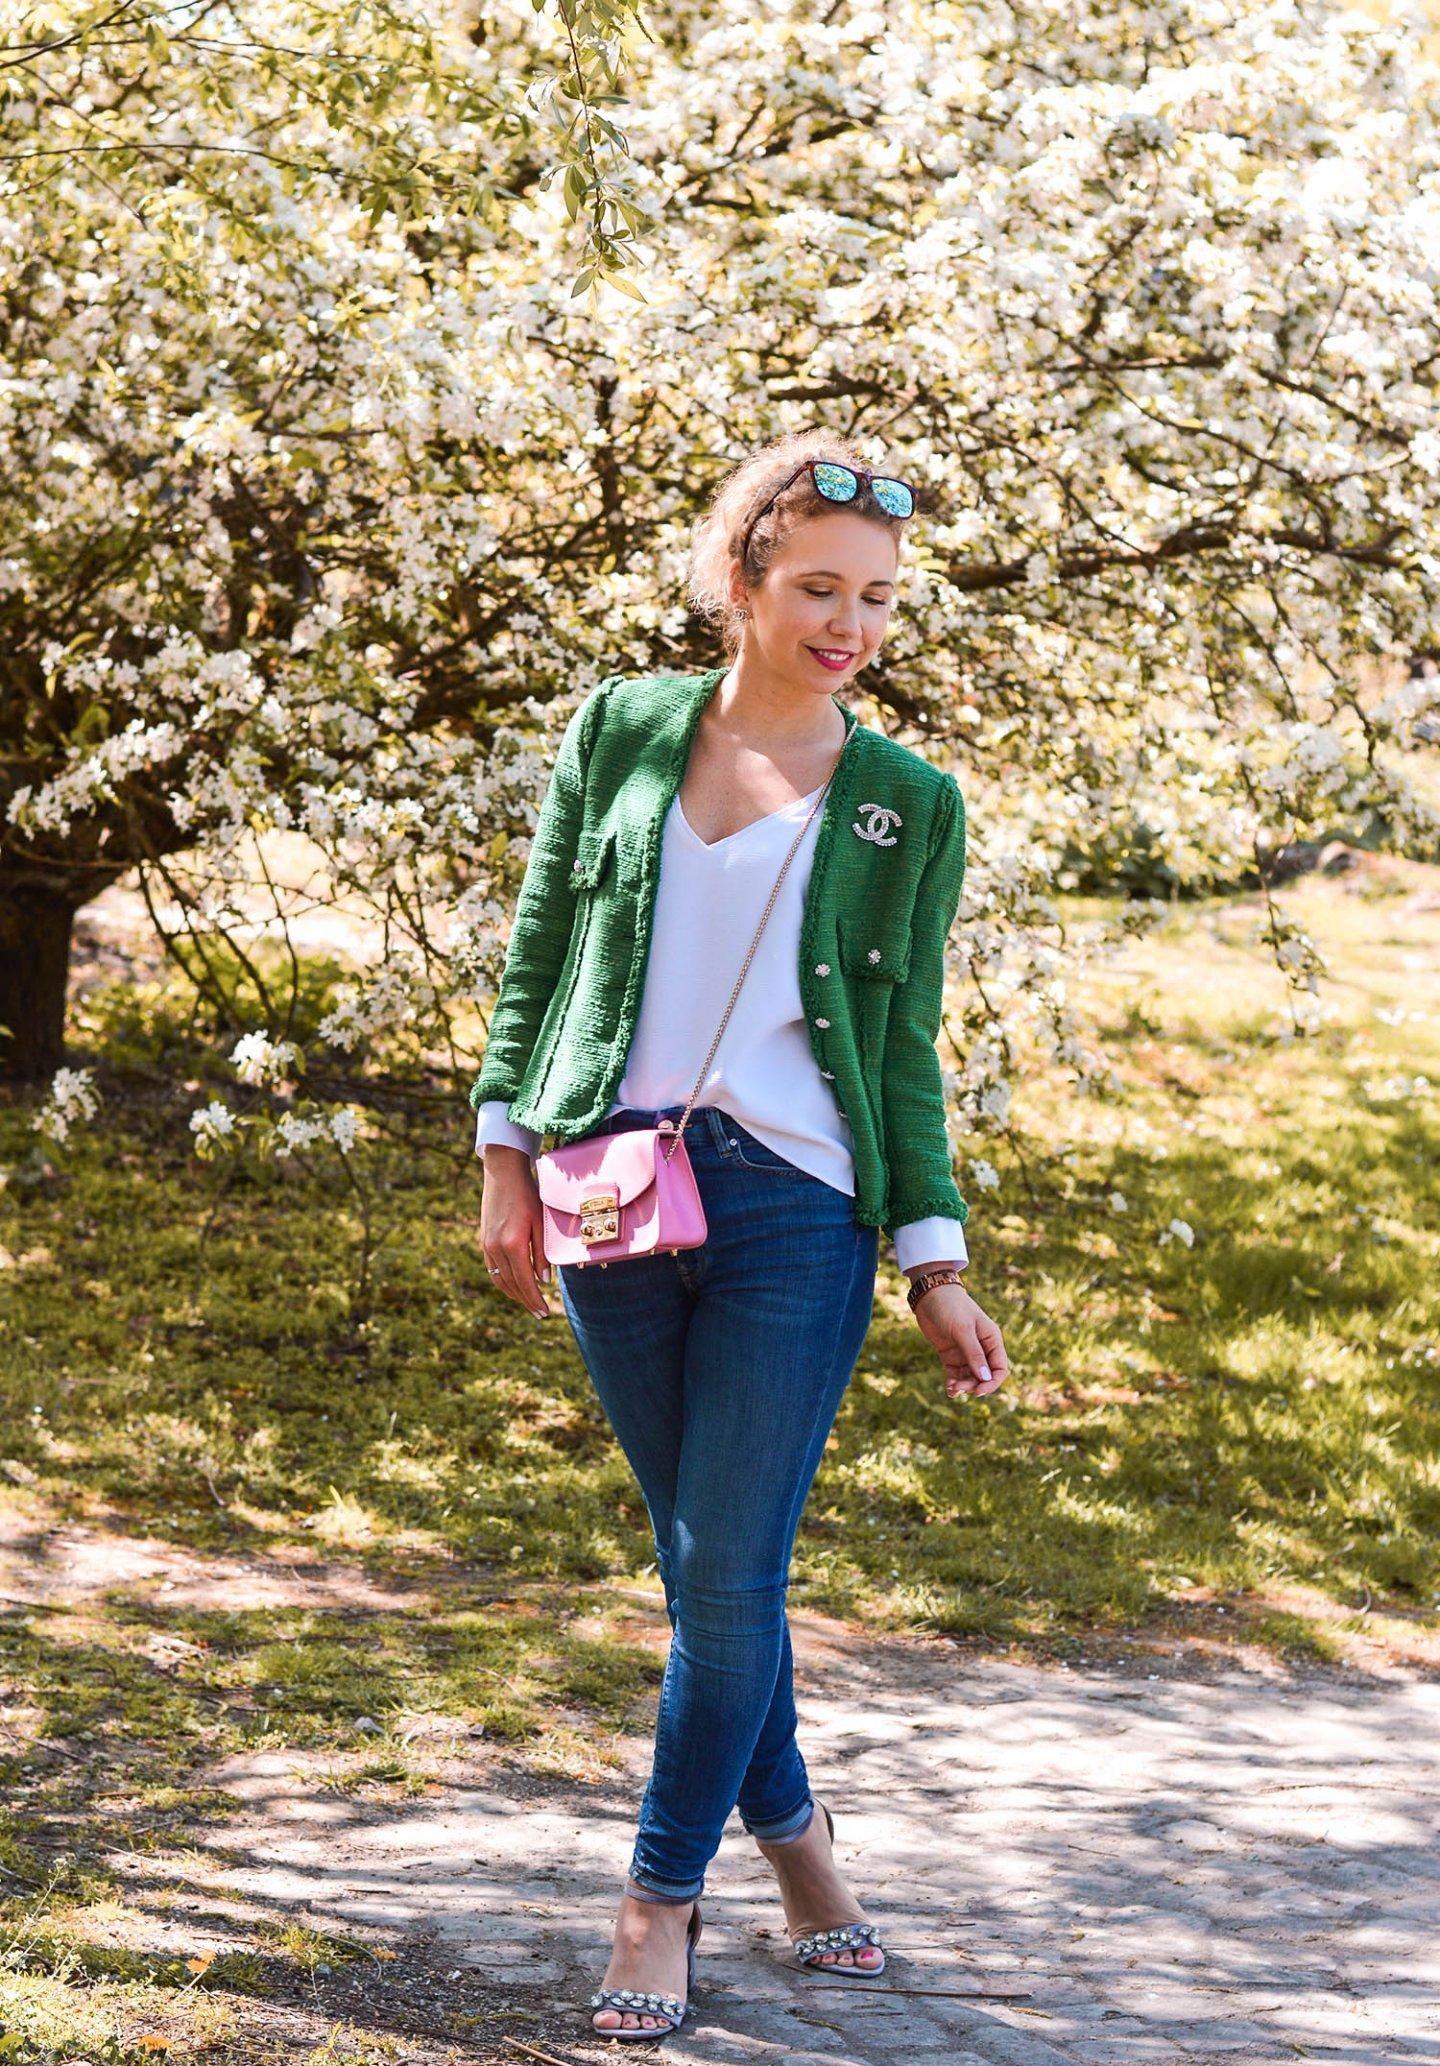 Zara tweedjacke casual kombinieren